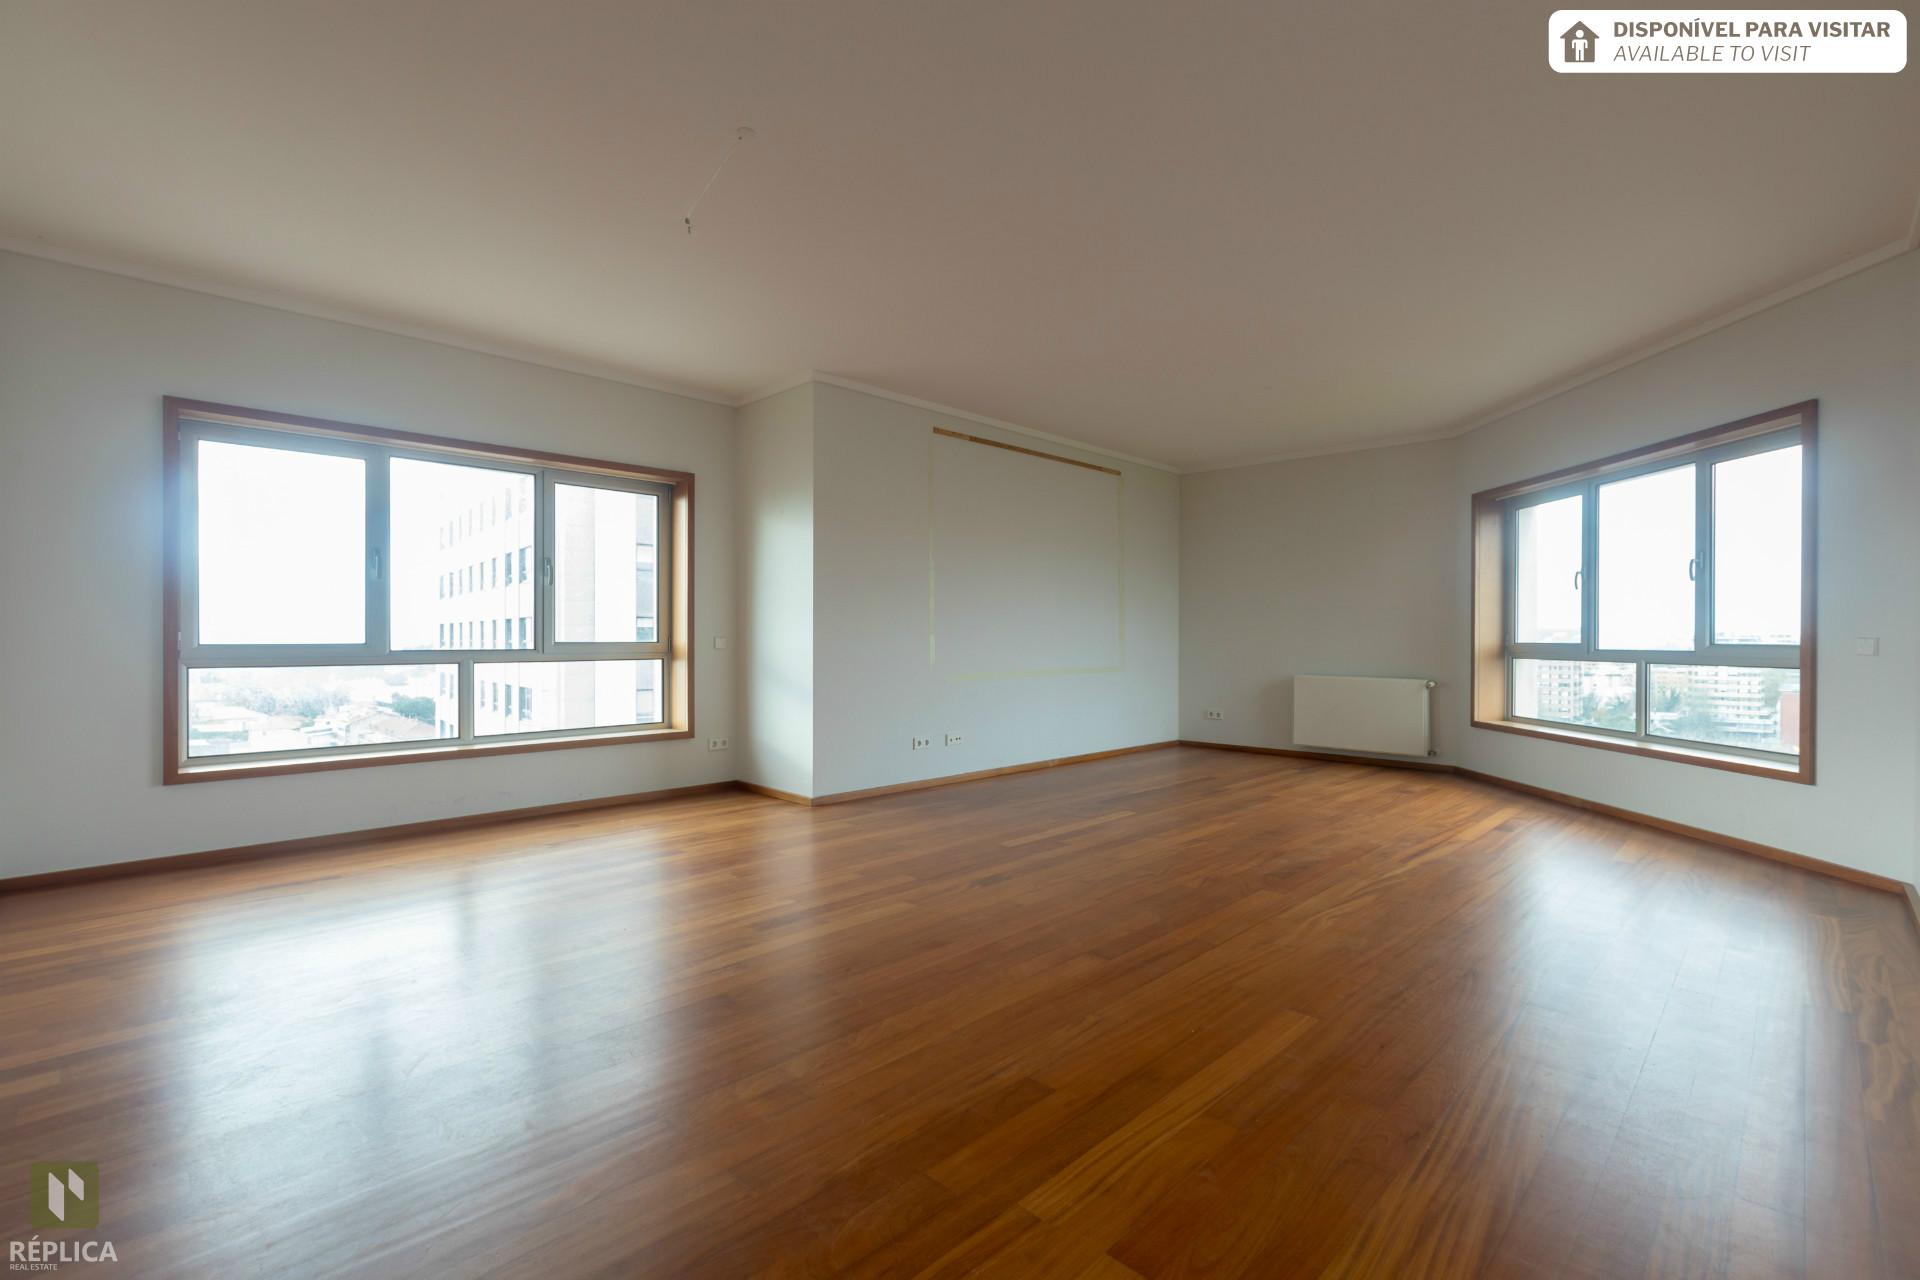 Apartamento T3+1 em Lordelo do Ouro